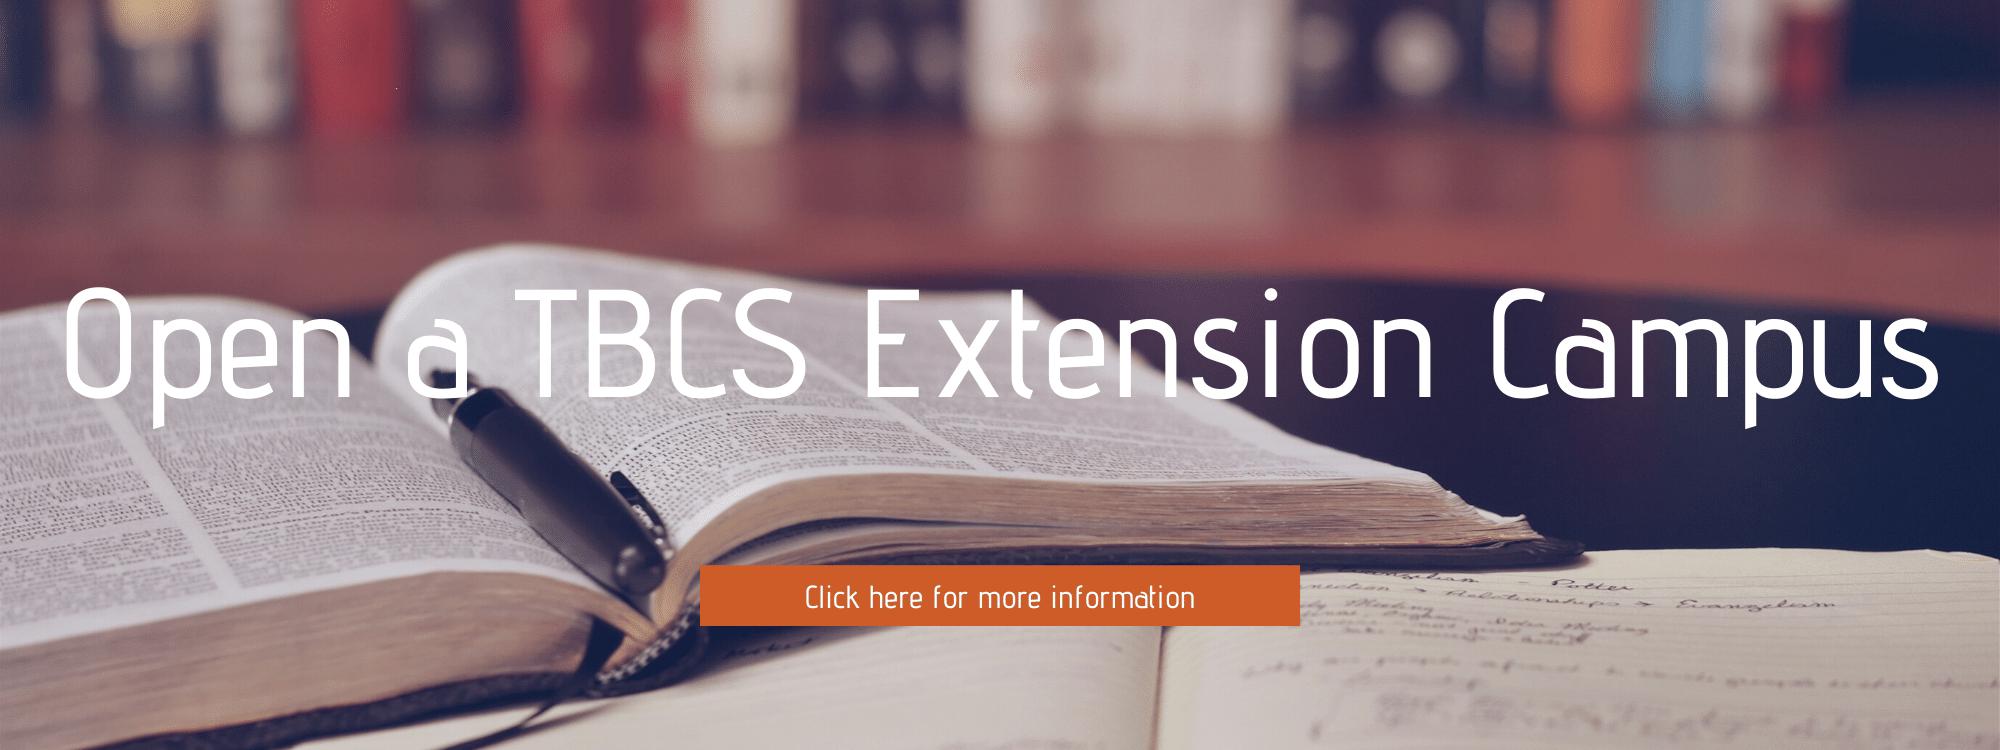 Open a TBCS Extension Campus